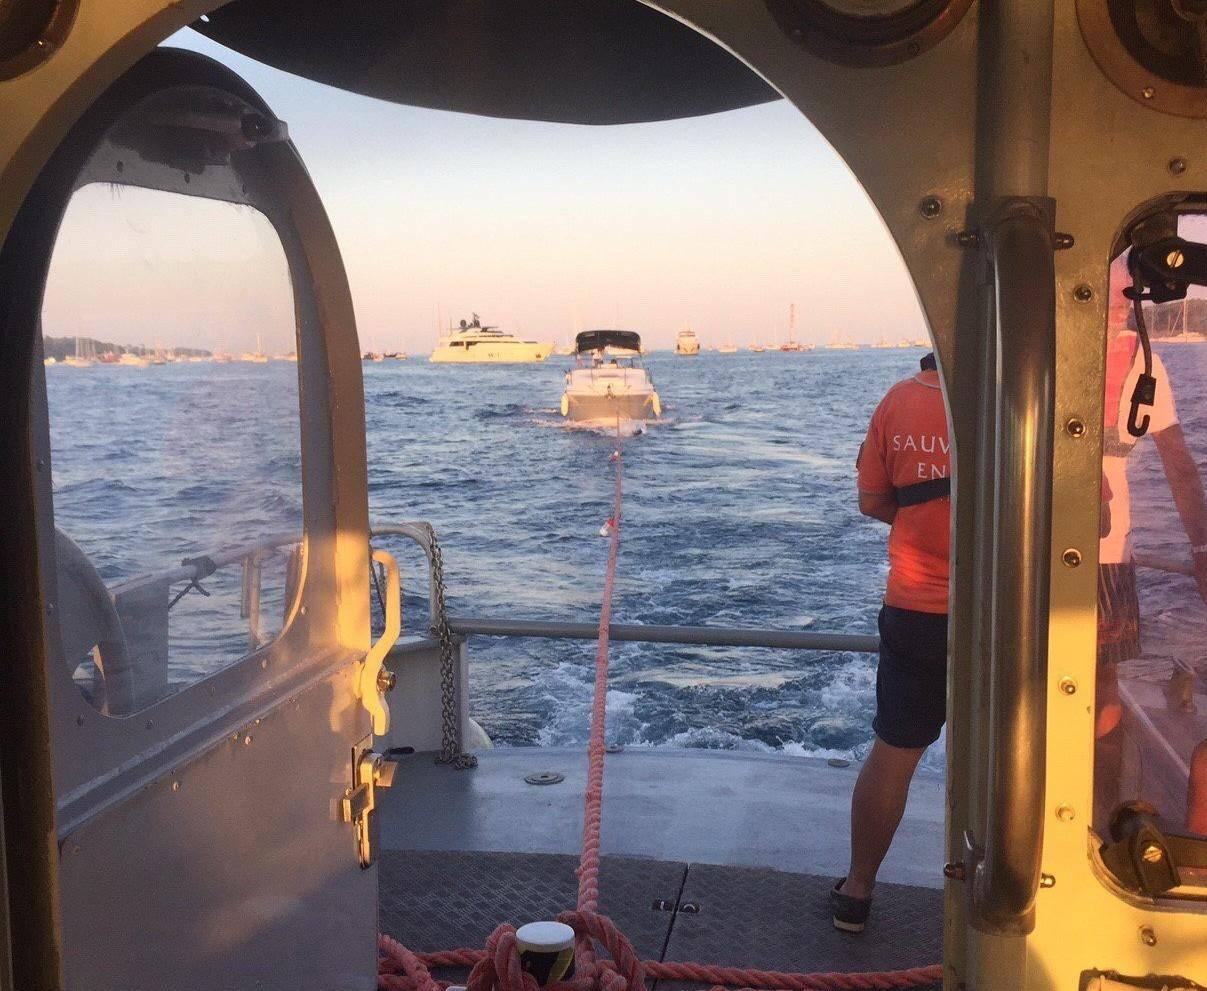 Le 15 août, le Cross Med engage la station de Cannes - Golfe-Juan et sa vedette pour un bateau de 8 m en avarie moteur avec quatre personnes à bord. Ils seront remorqués jusqu'au vieux port de Cannes.